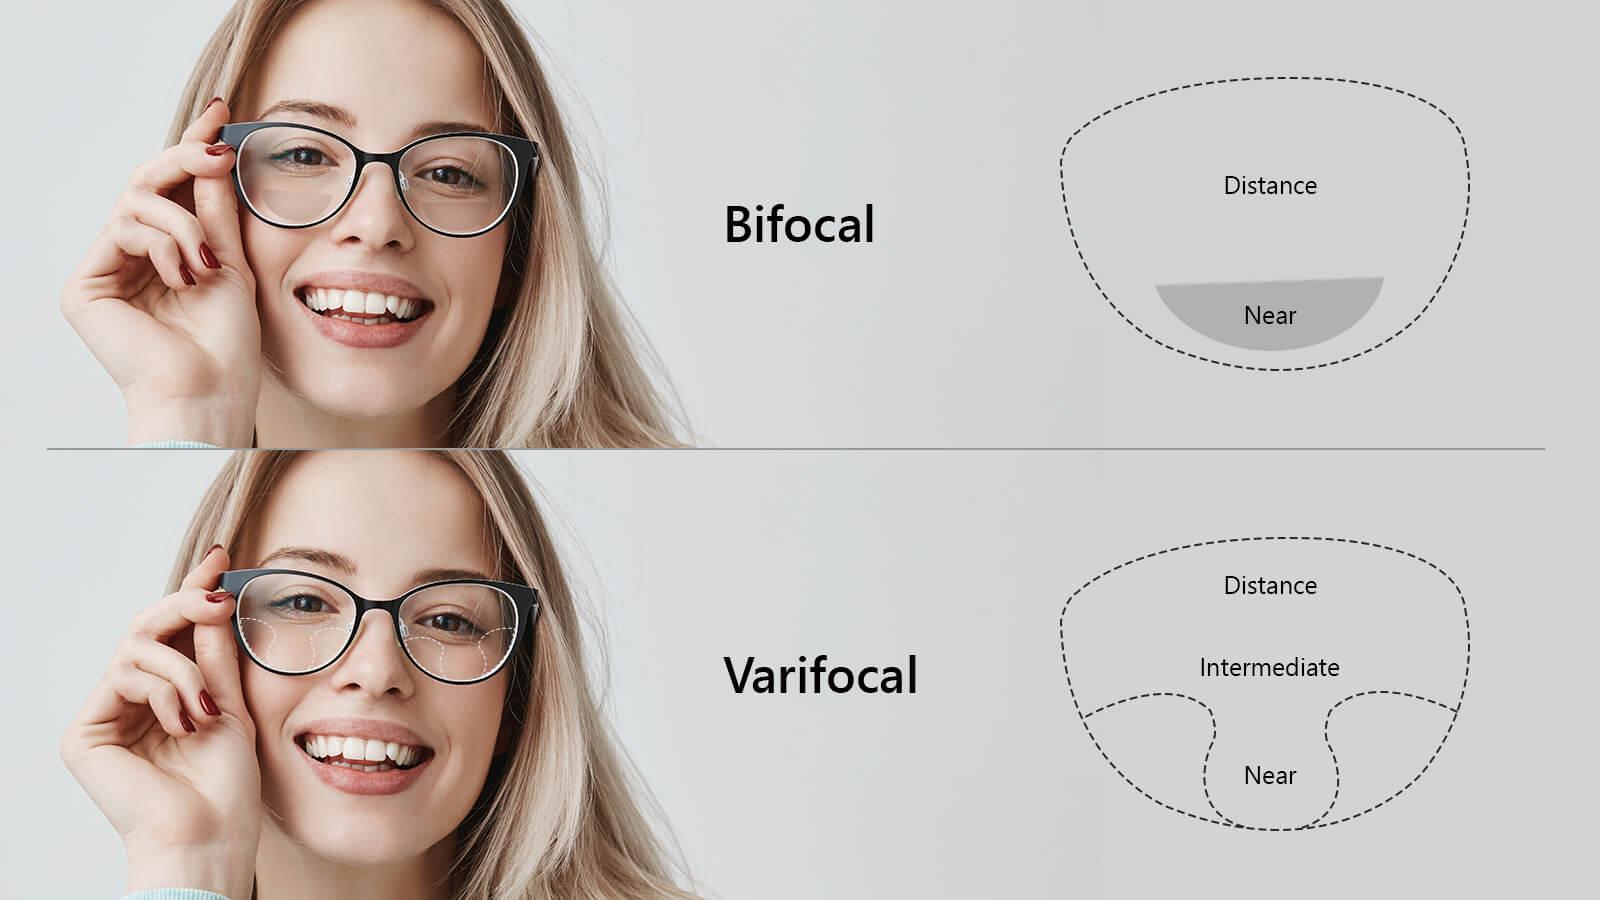 Are bifocals cheaper than Varifocals?